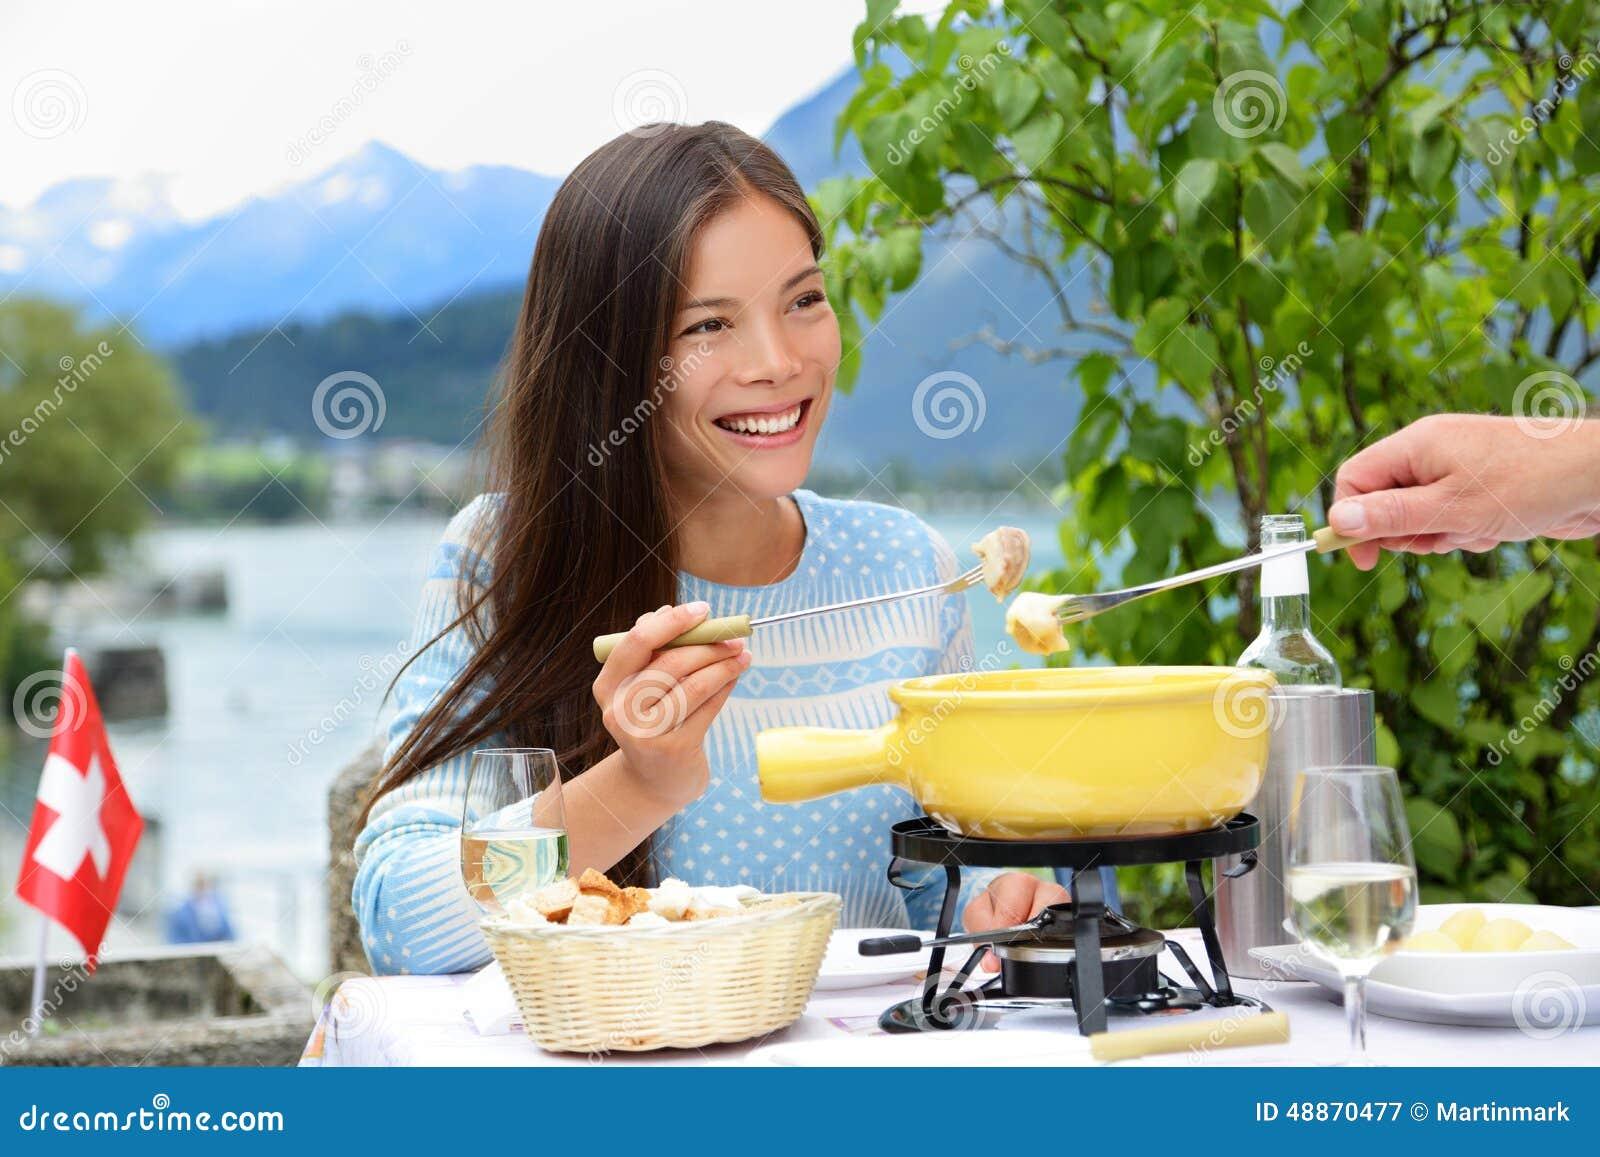 perdita di peso e formaggio svizzero